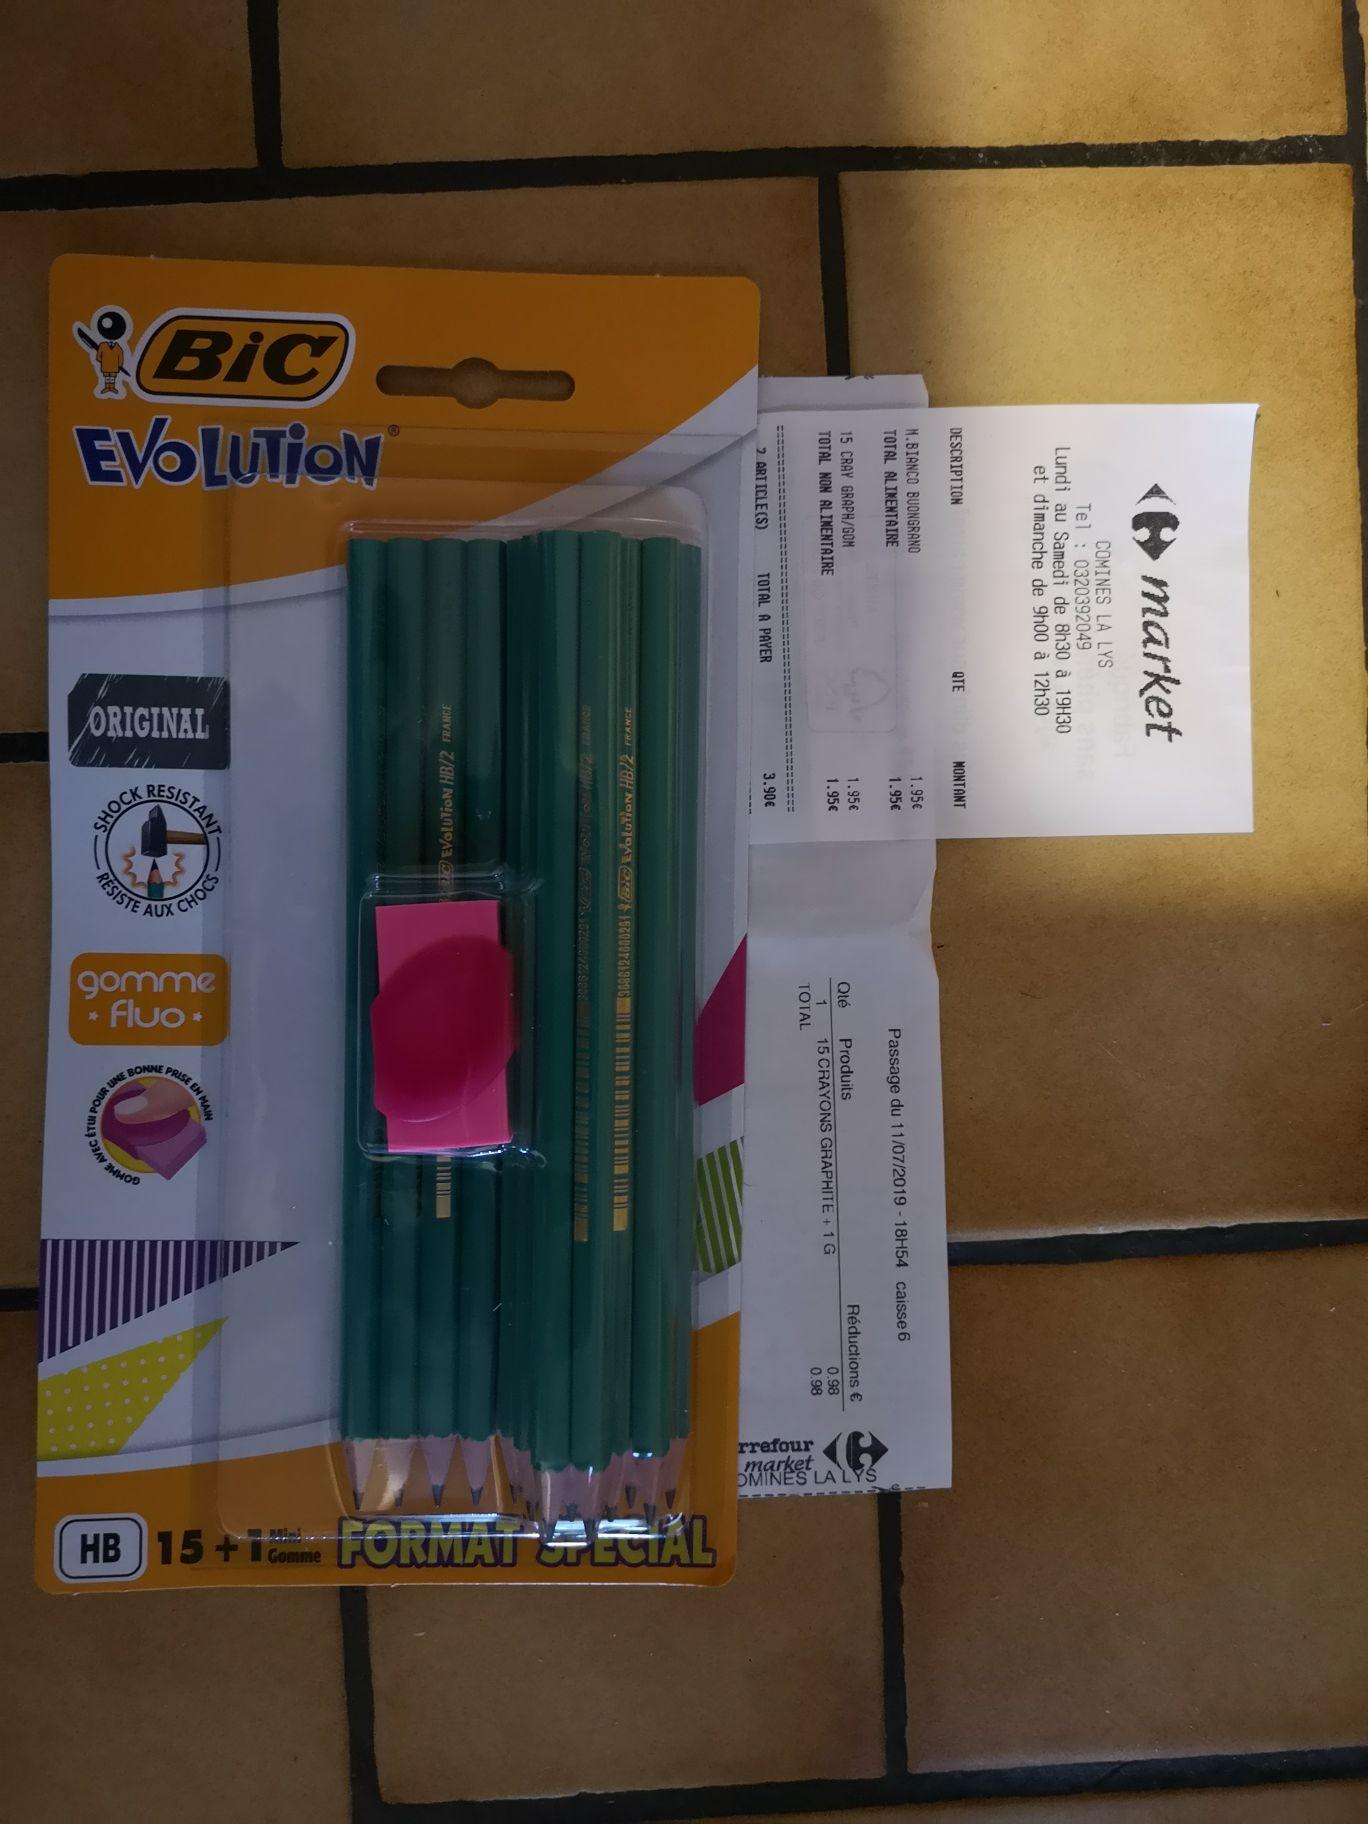 Paquet de 15 crayons graphique HB Bic Evolution + gomme Fluo (via 0.98€ sur la carte de fidélité) - Comines (59)